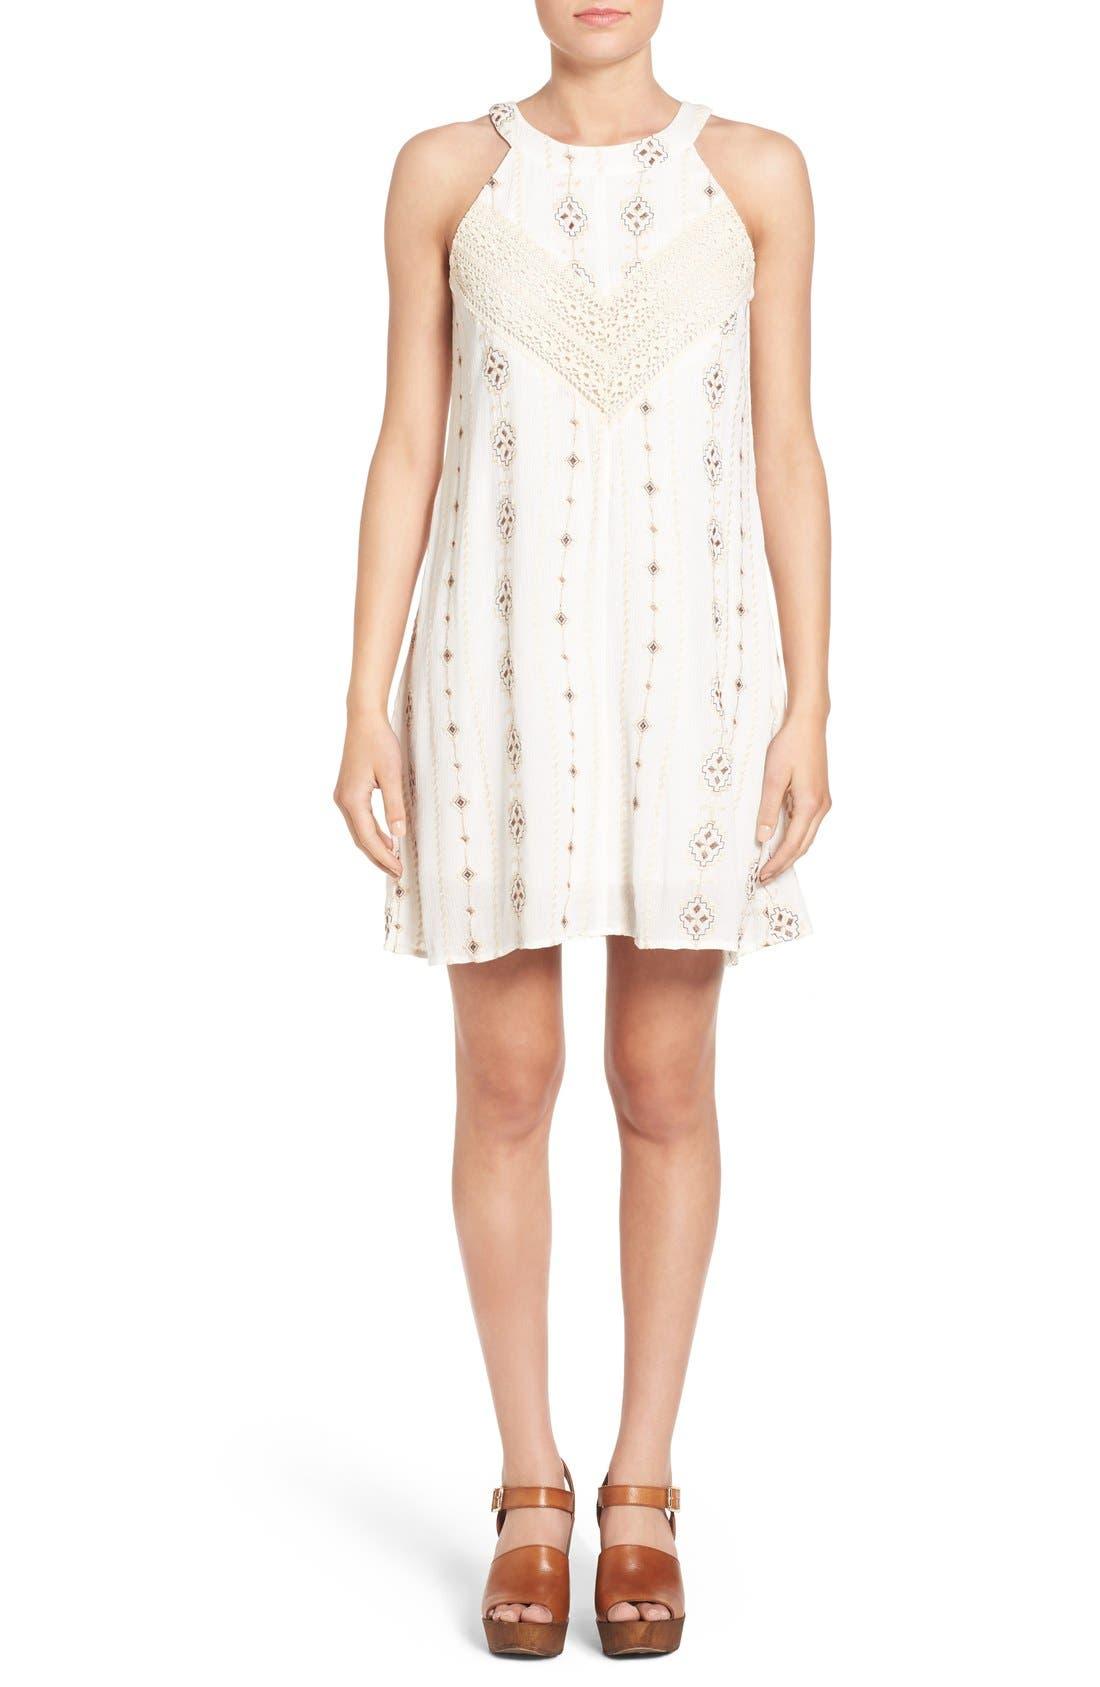 Main Image - Roxberi Elle Crochet Inset Embroidered Shift Dress